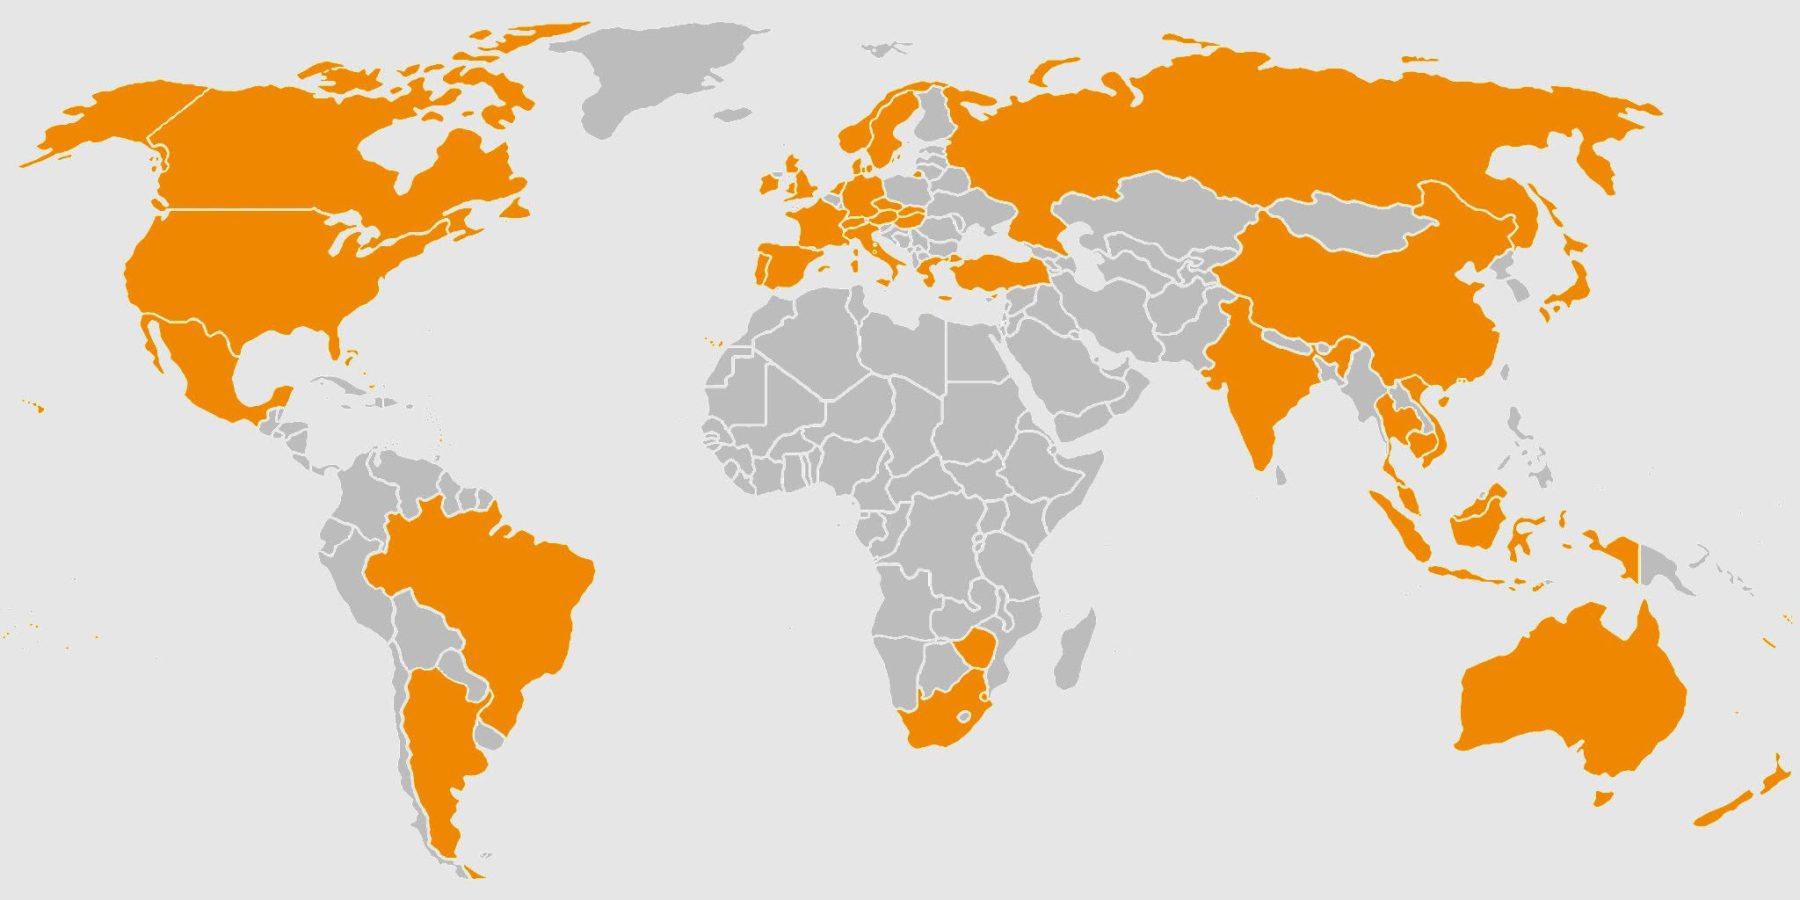 Narelle+Travel+Map.jpg